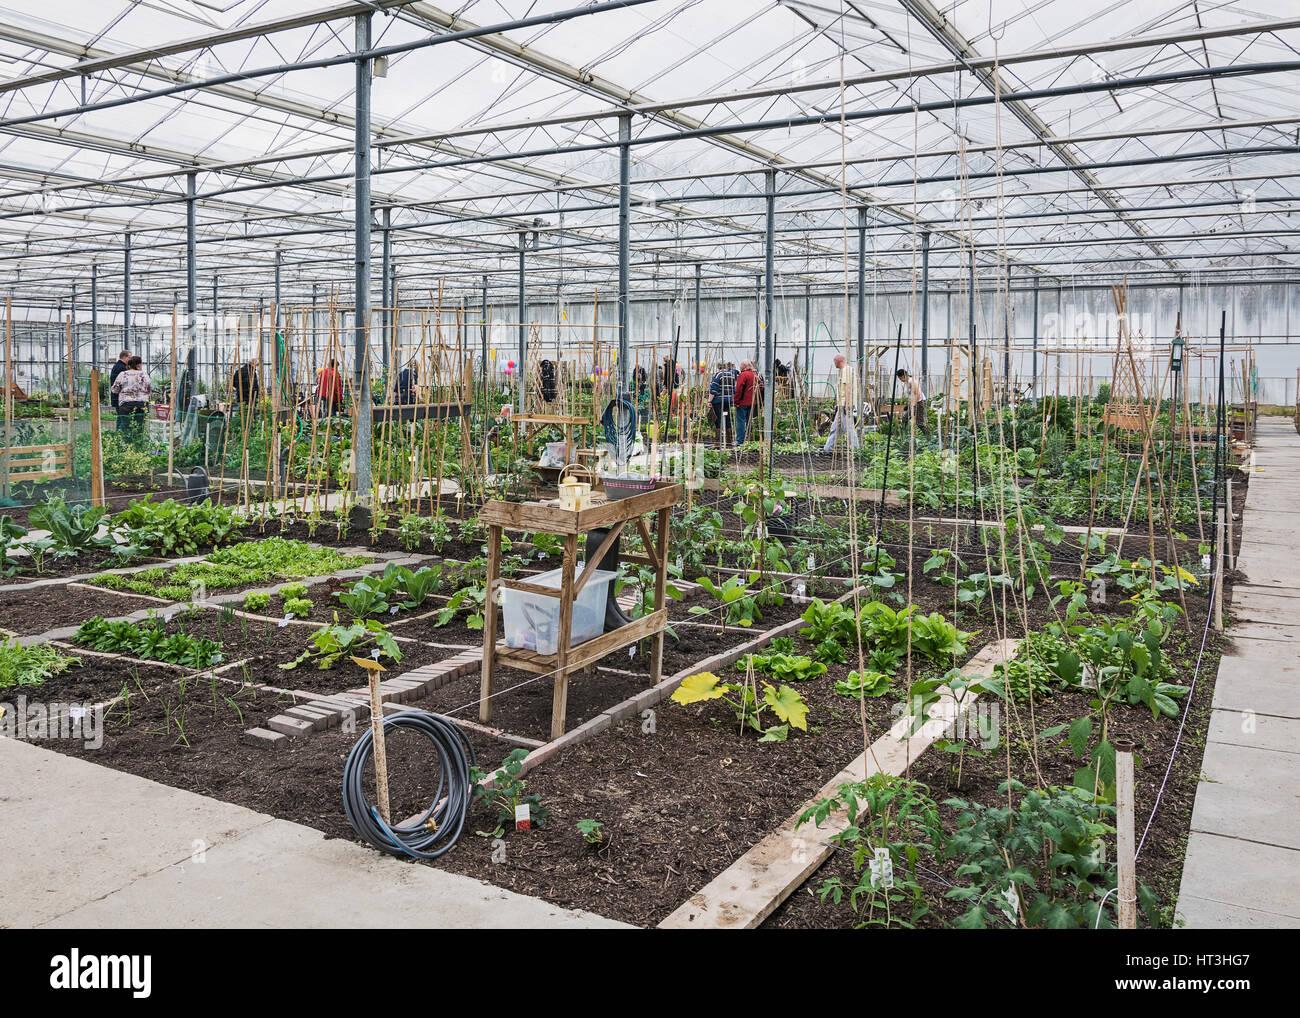 Kleingarten In Einem Gewachshaus In Den Niederlanden Stockfoto Bild